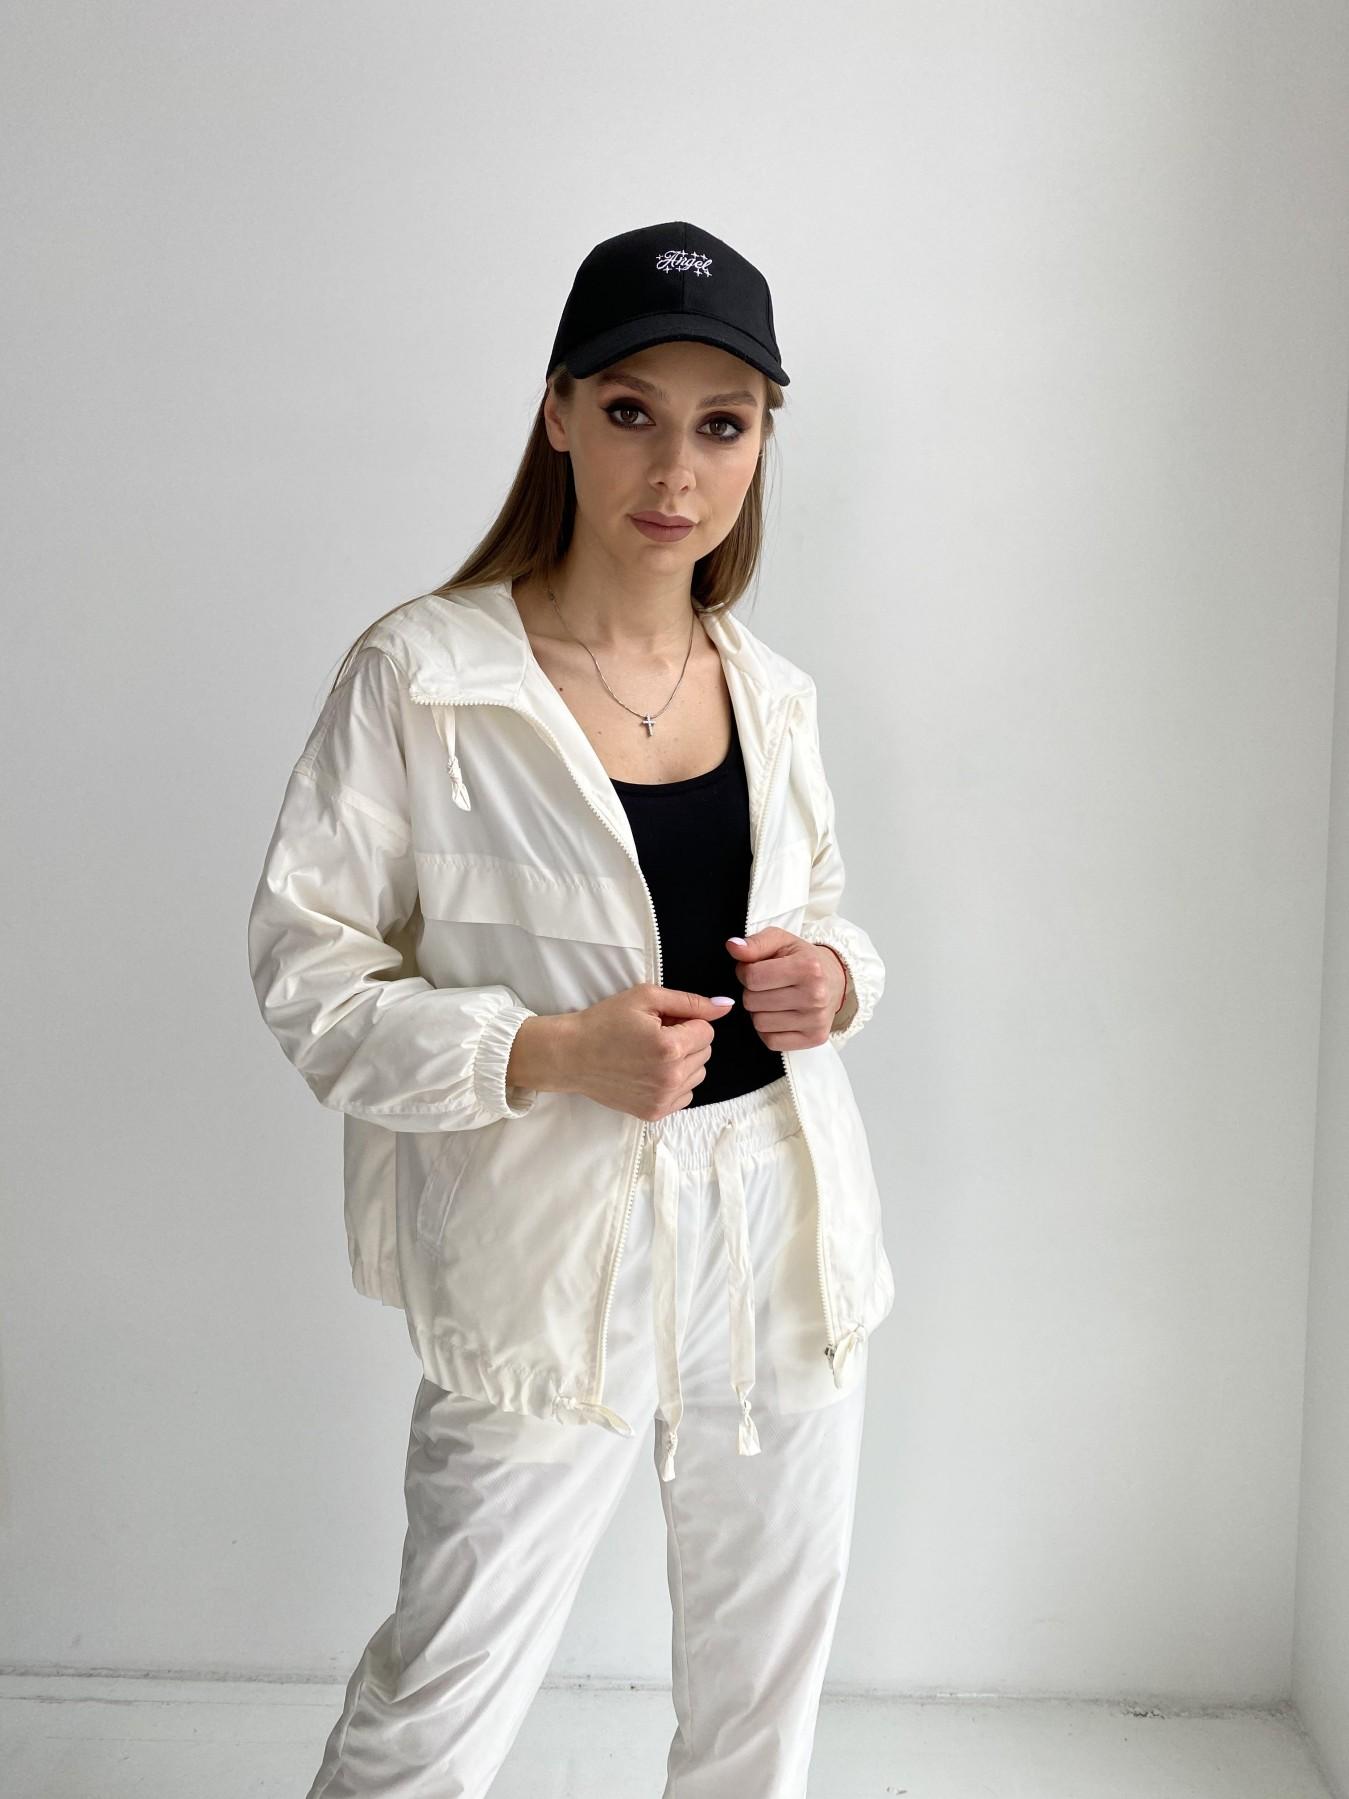 Фит костюм из плащевой ткани 11048 АРТ. 47533 Цвет: Молоко - фото 1, интернет магазин tm-modus.ru